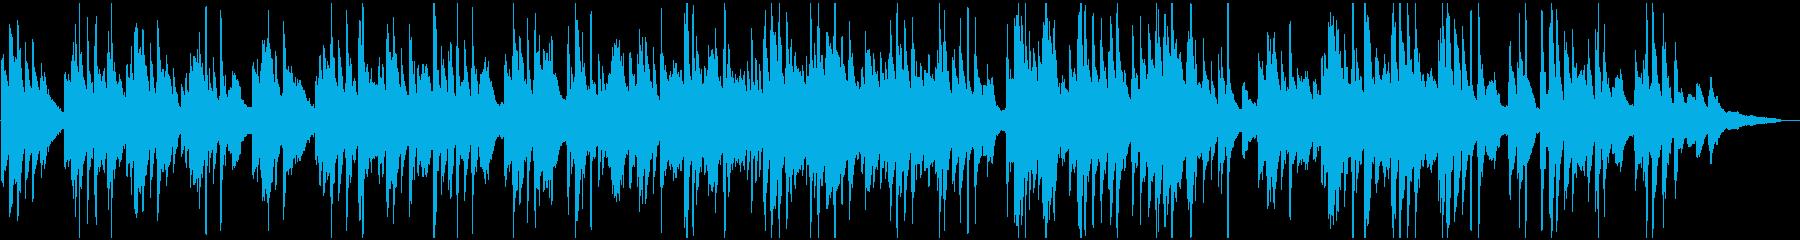 アルバム・思い出・レトロ 優しいピアノの再生済みの波形